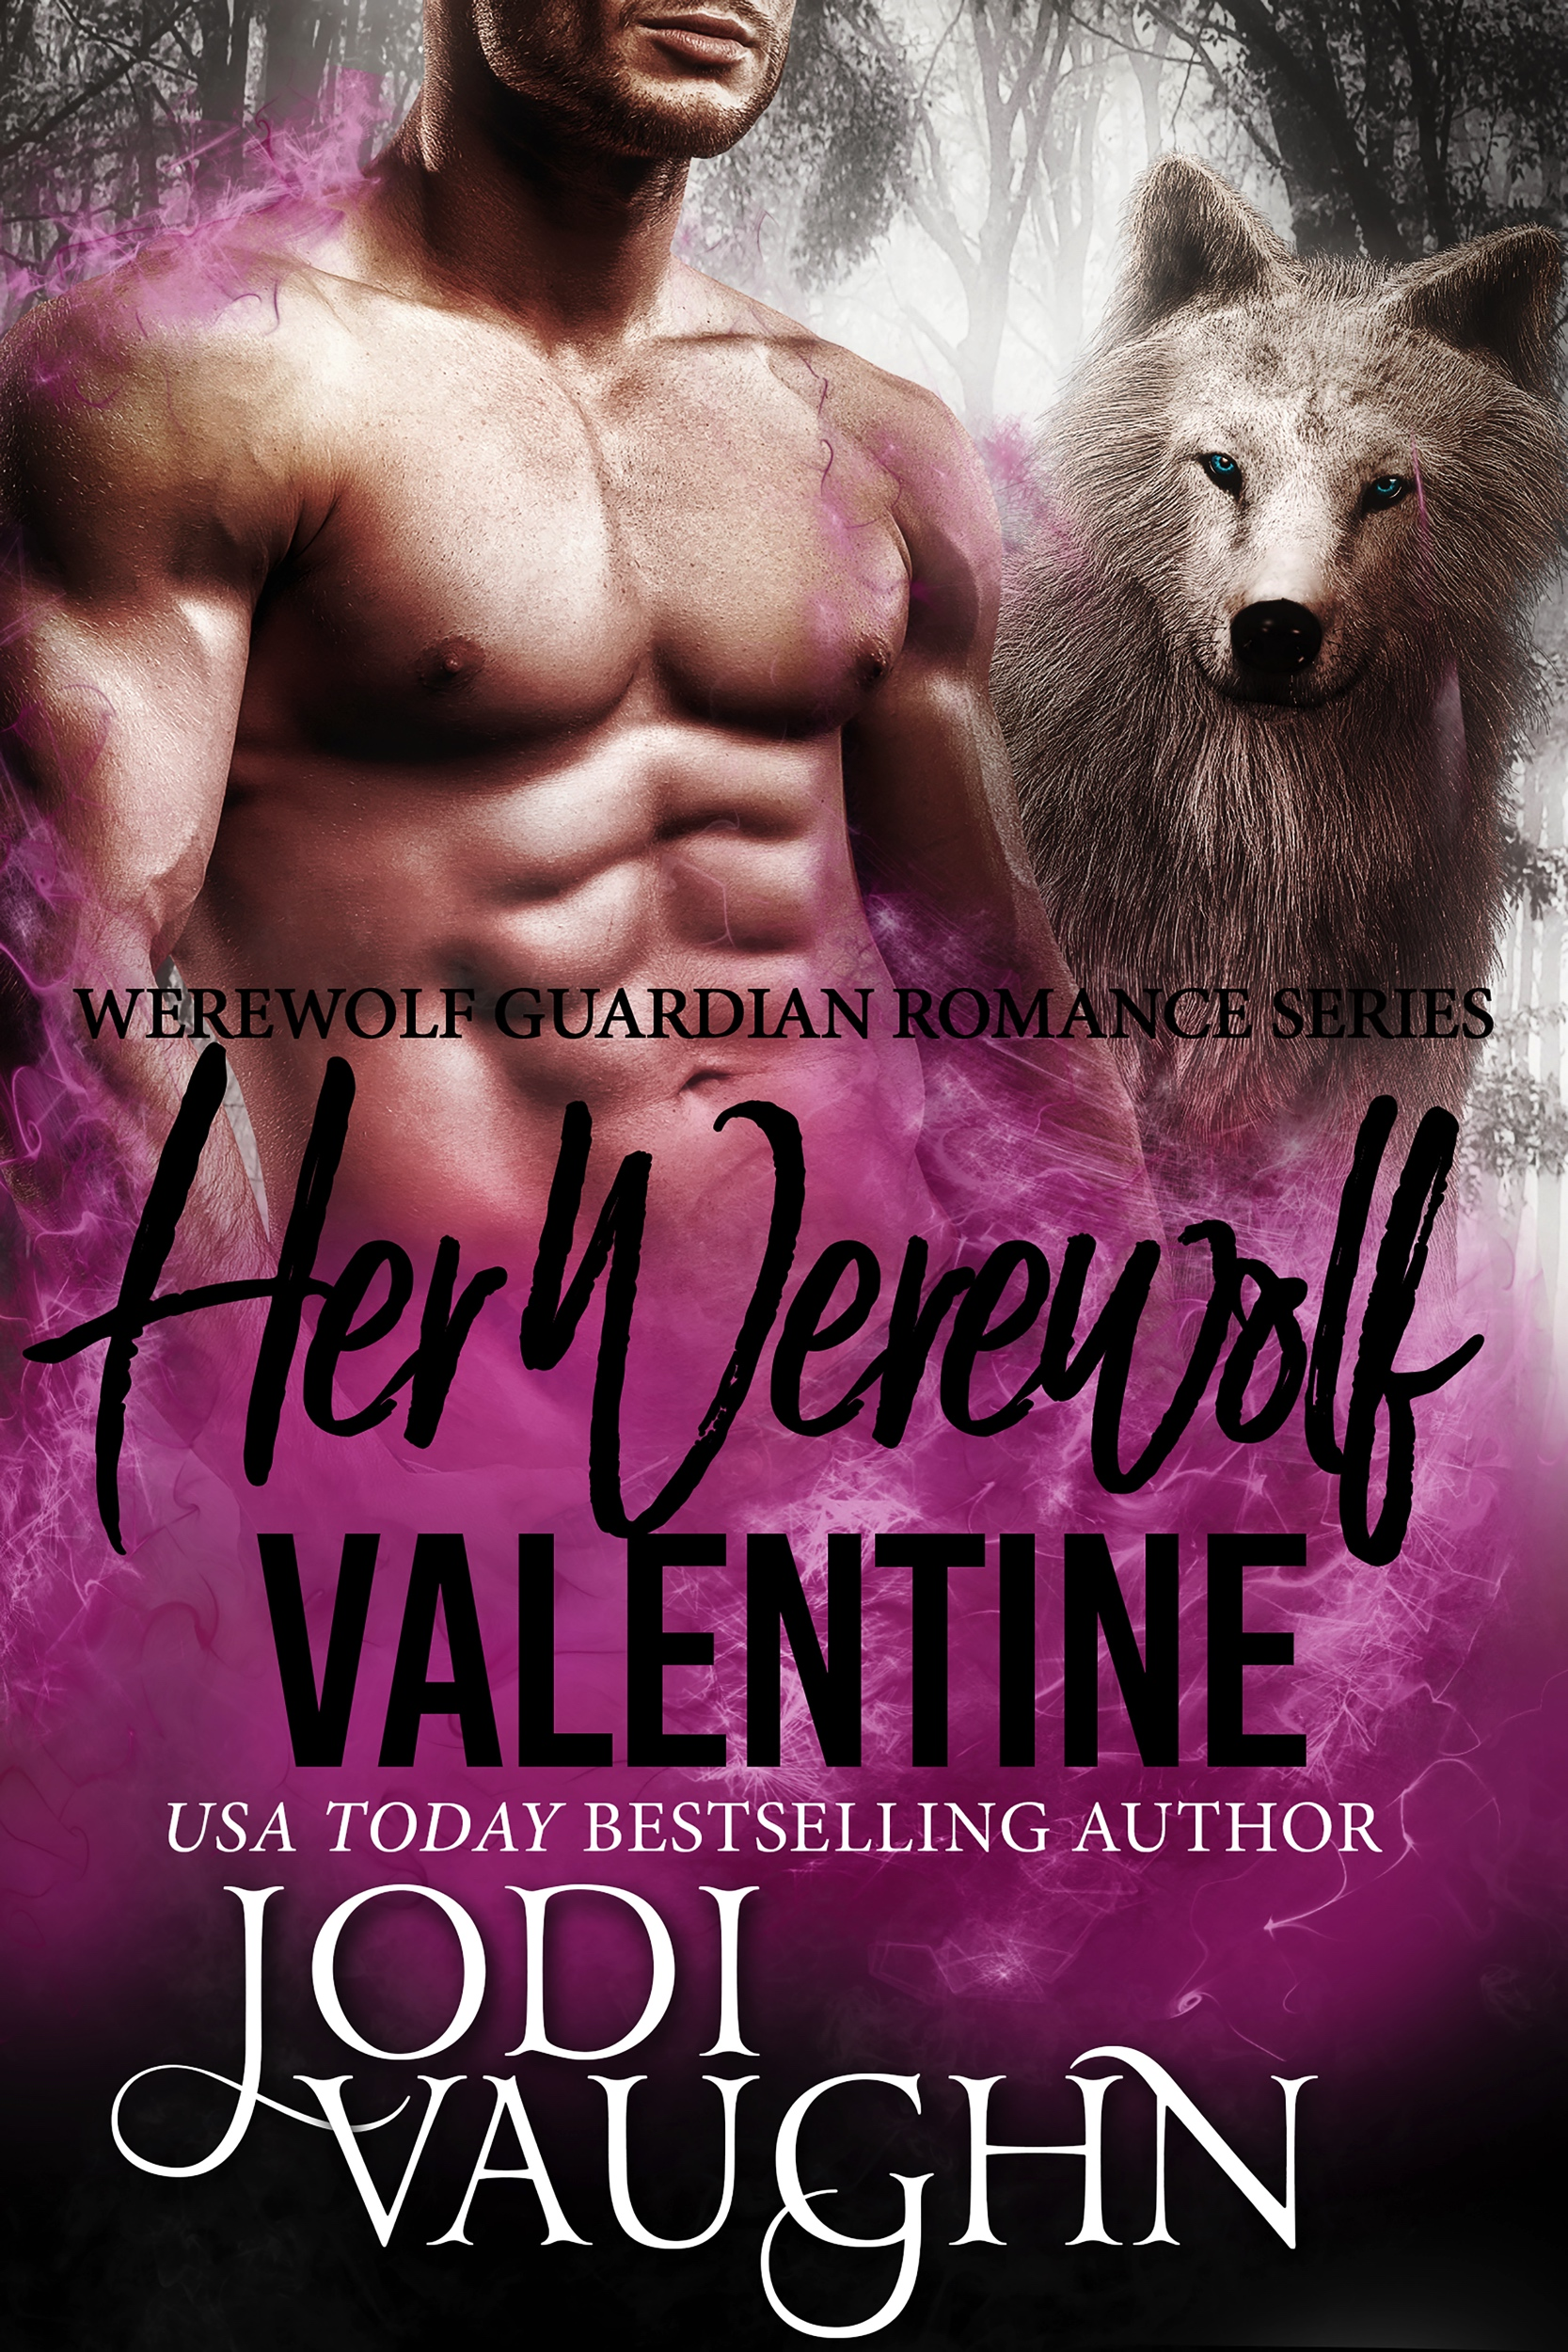 Her Werewolf Valentine